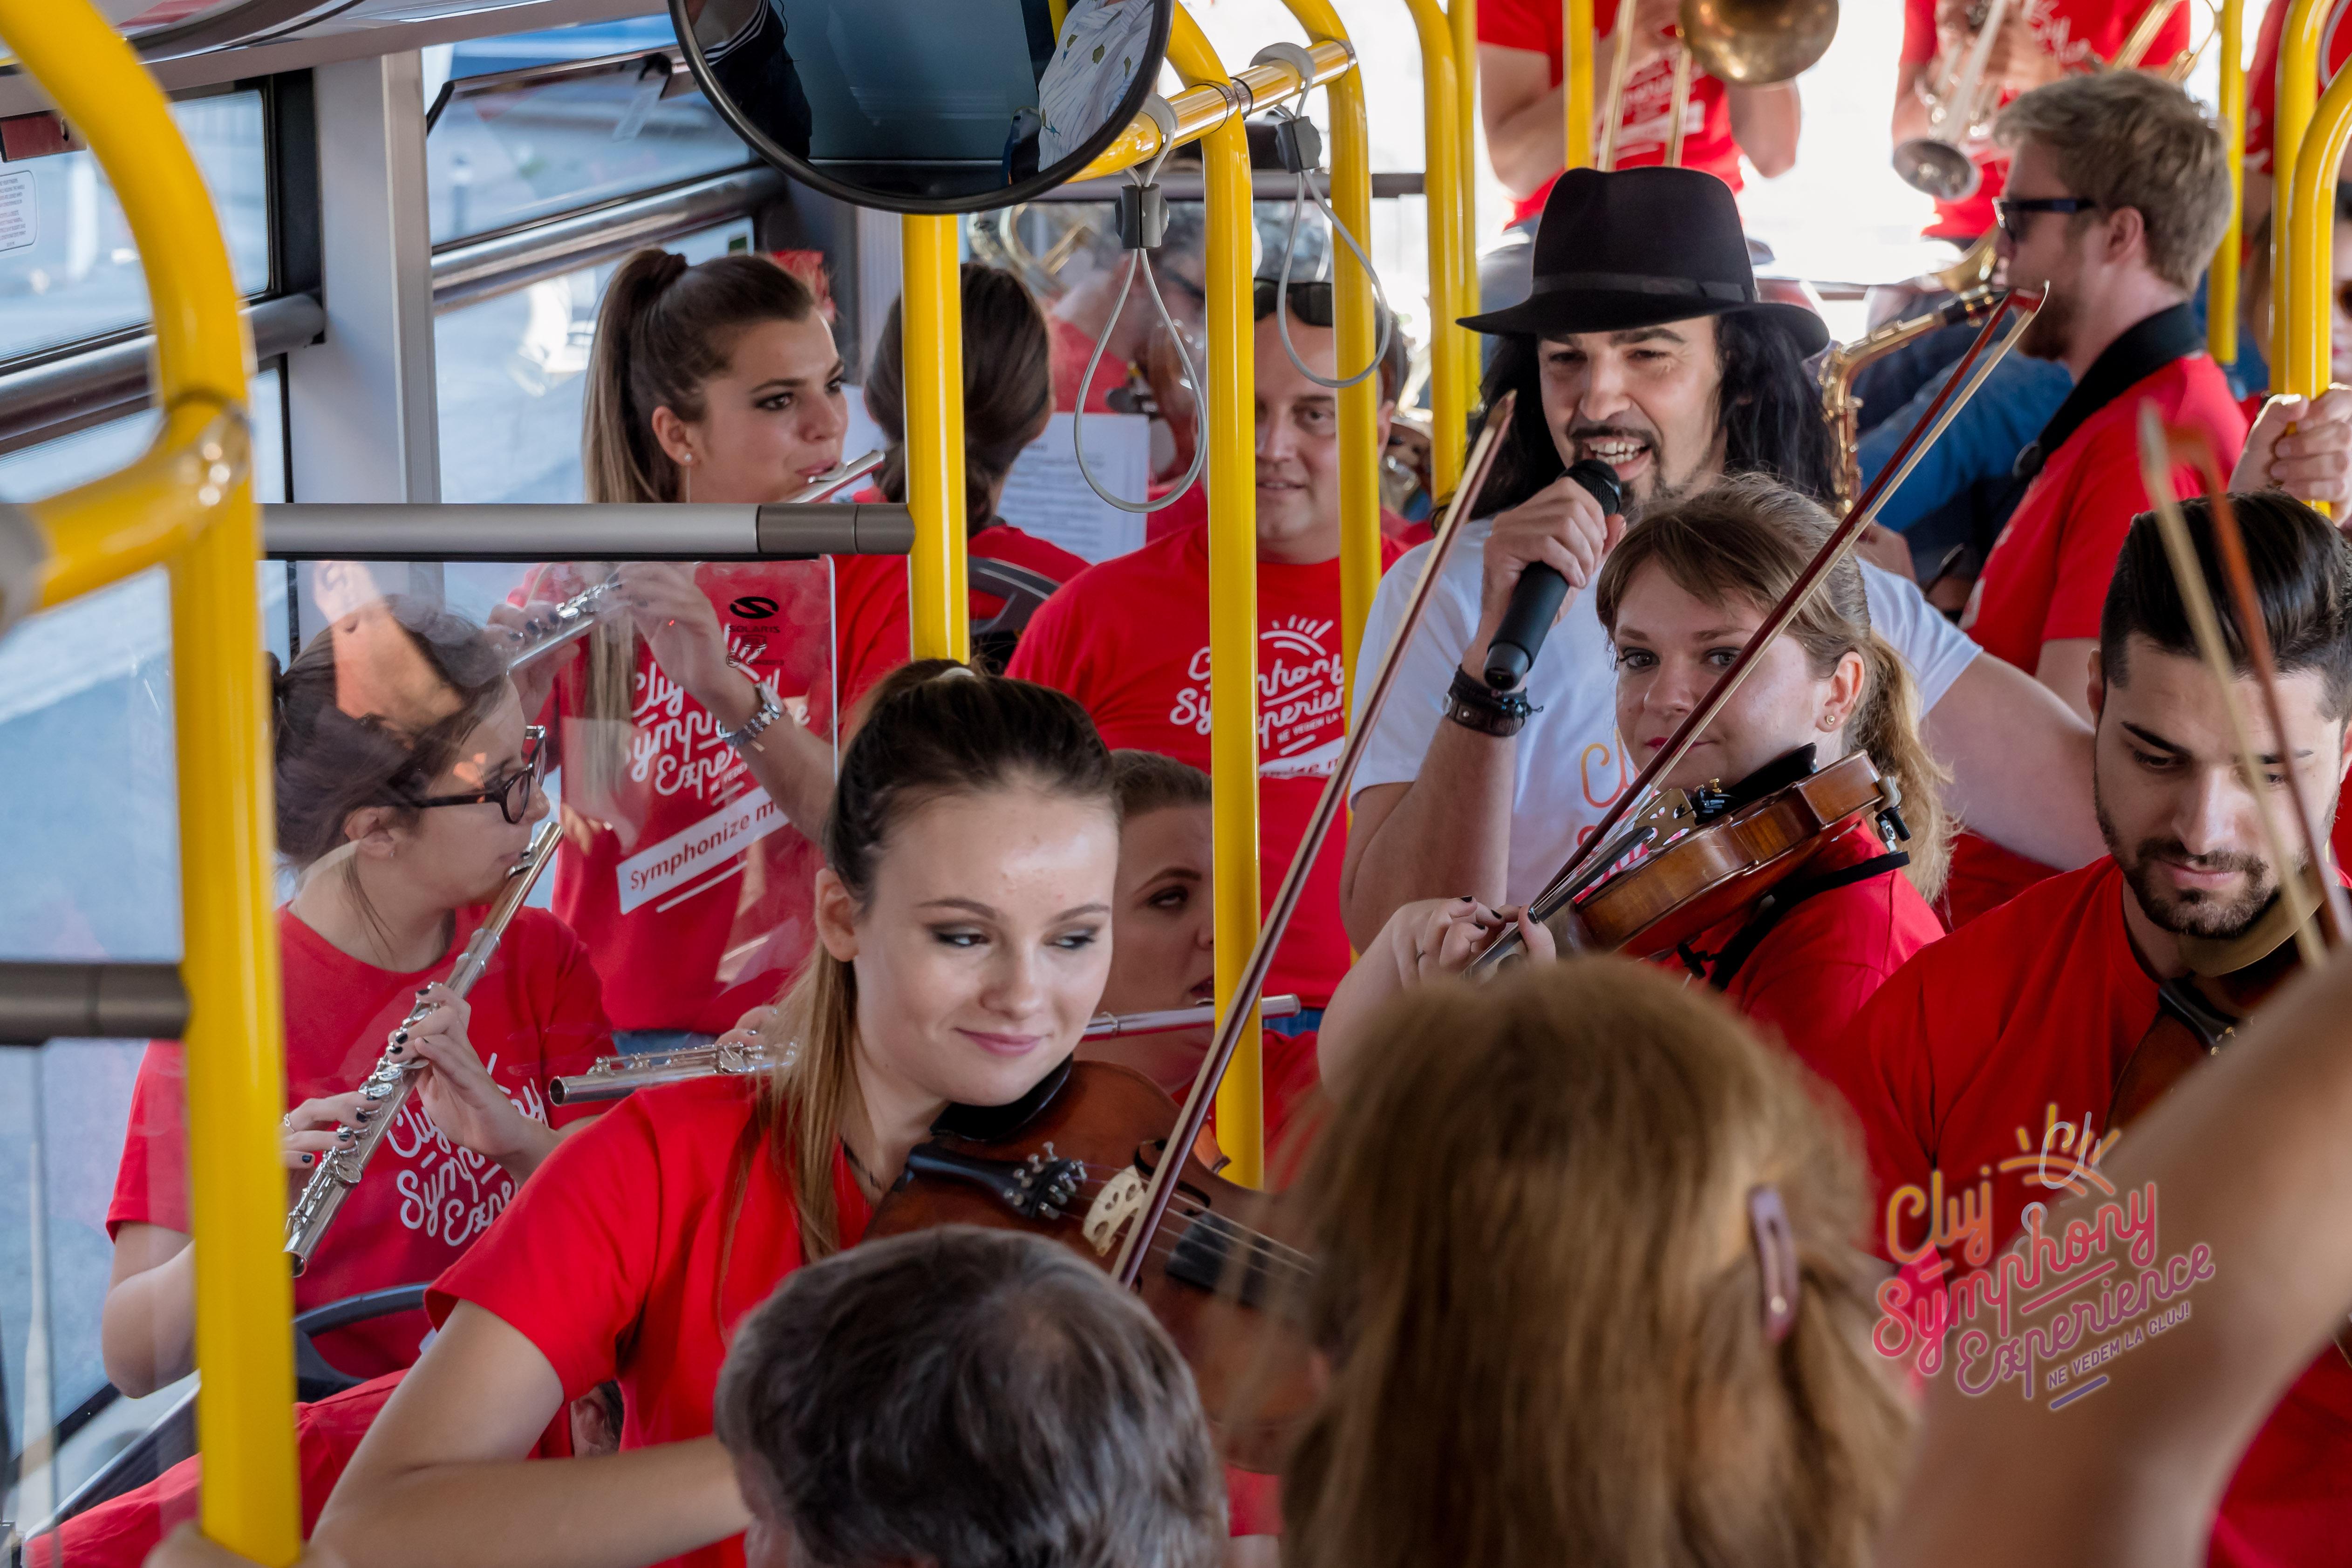 Noi experiențe muzicale oferite de Cluj Symphony Experience: un weekend în care muzica este trăită altfel